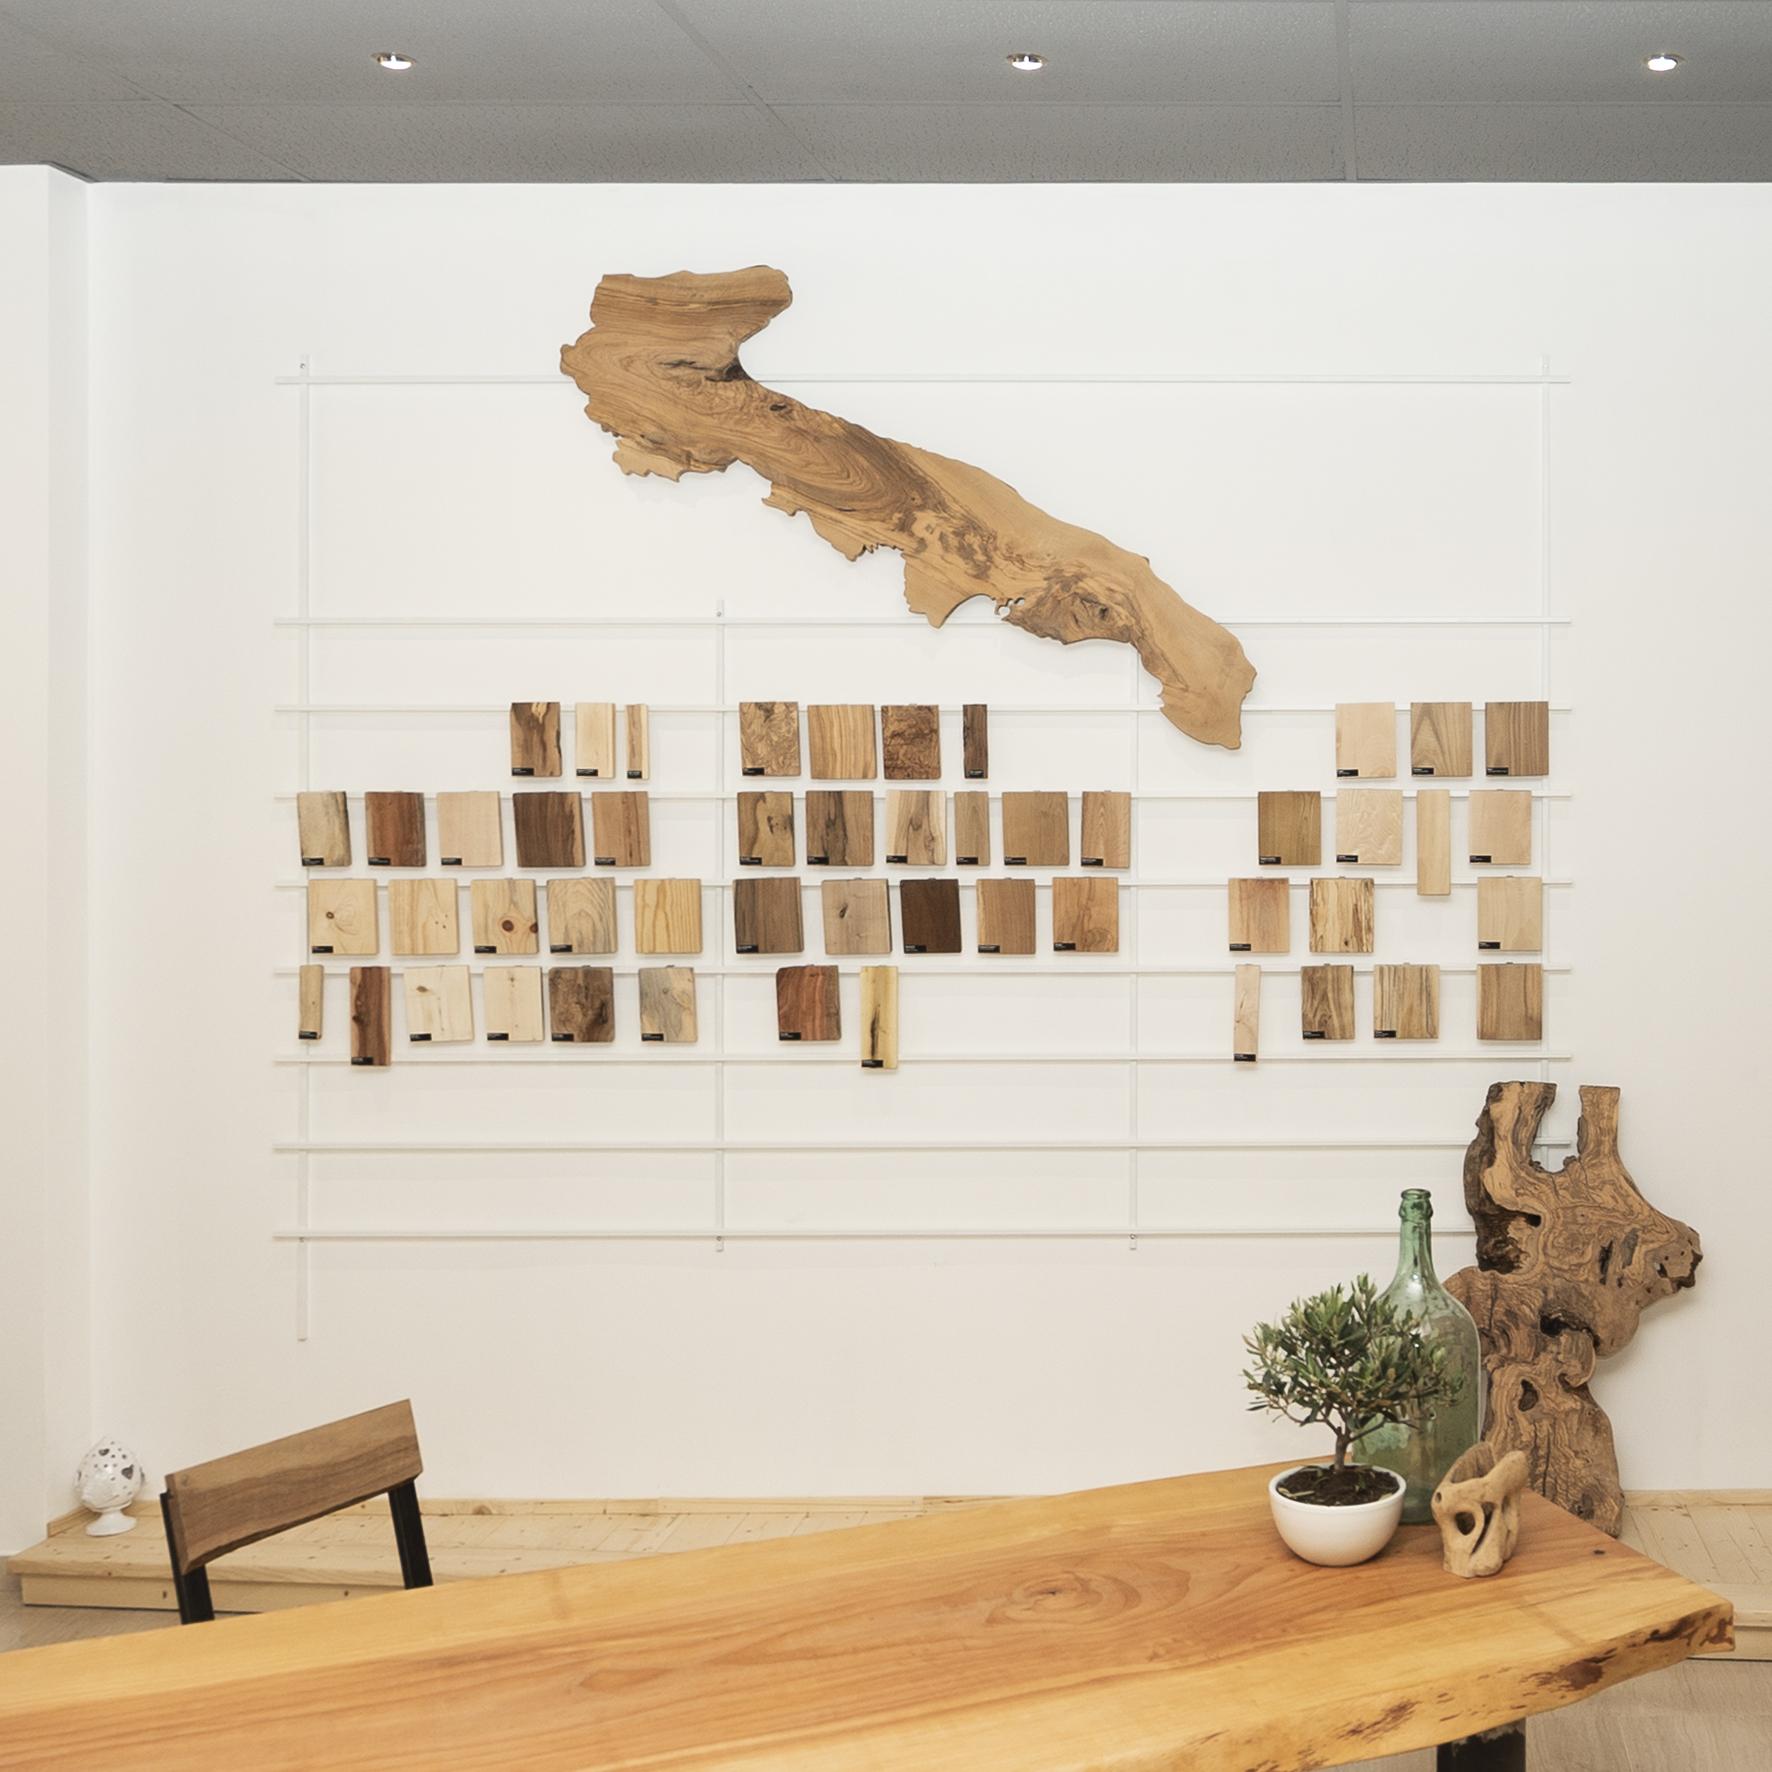 legno-di-puglia-mobili-su-misura-bitetto-bari-thumbnail